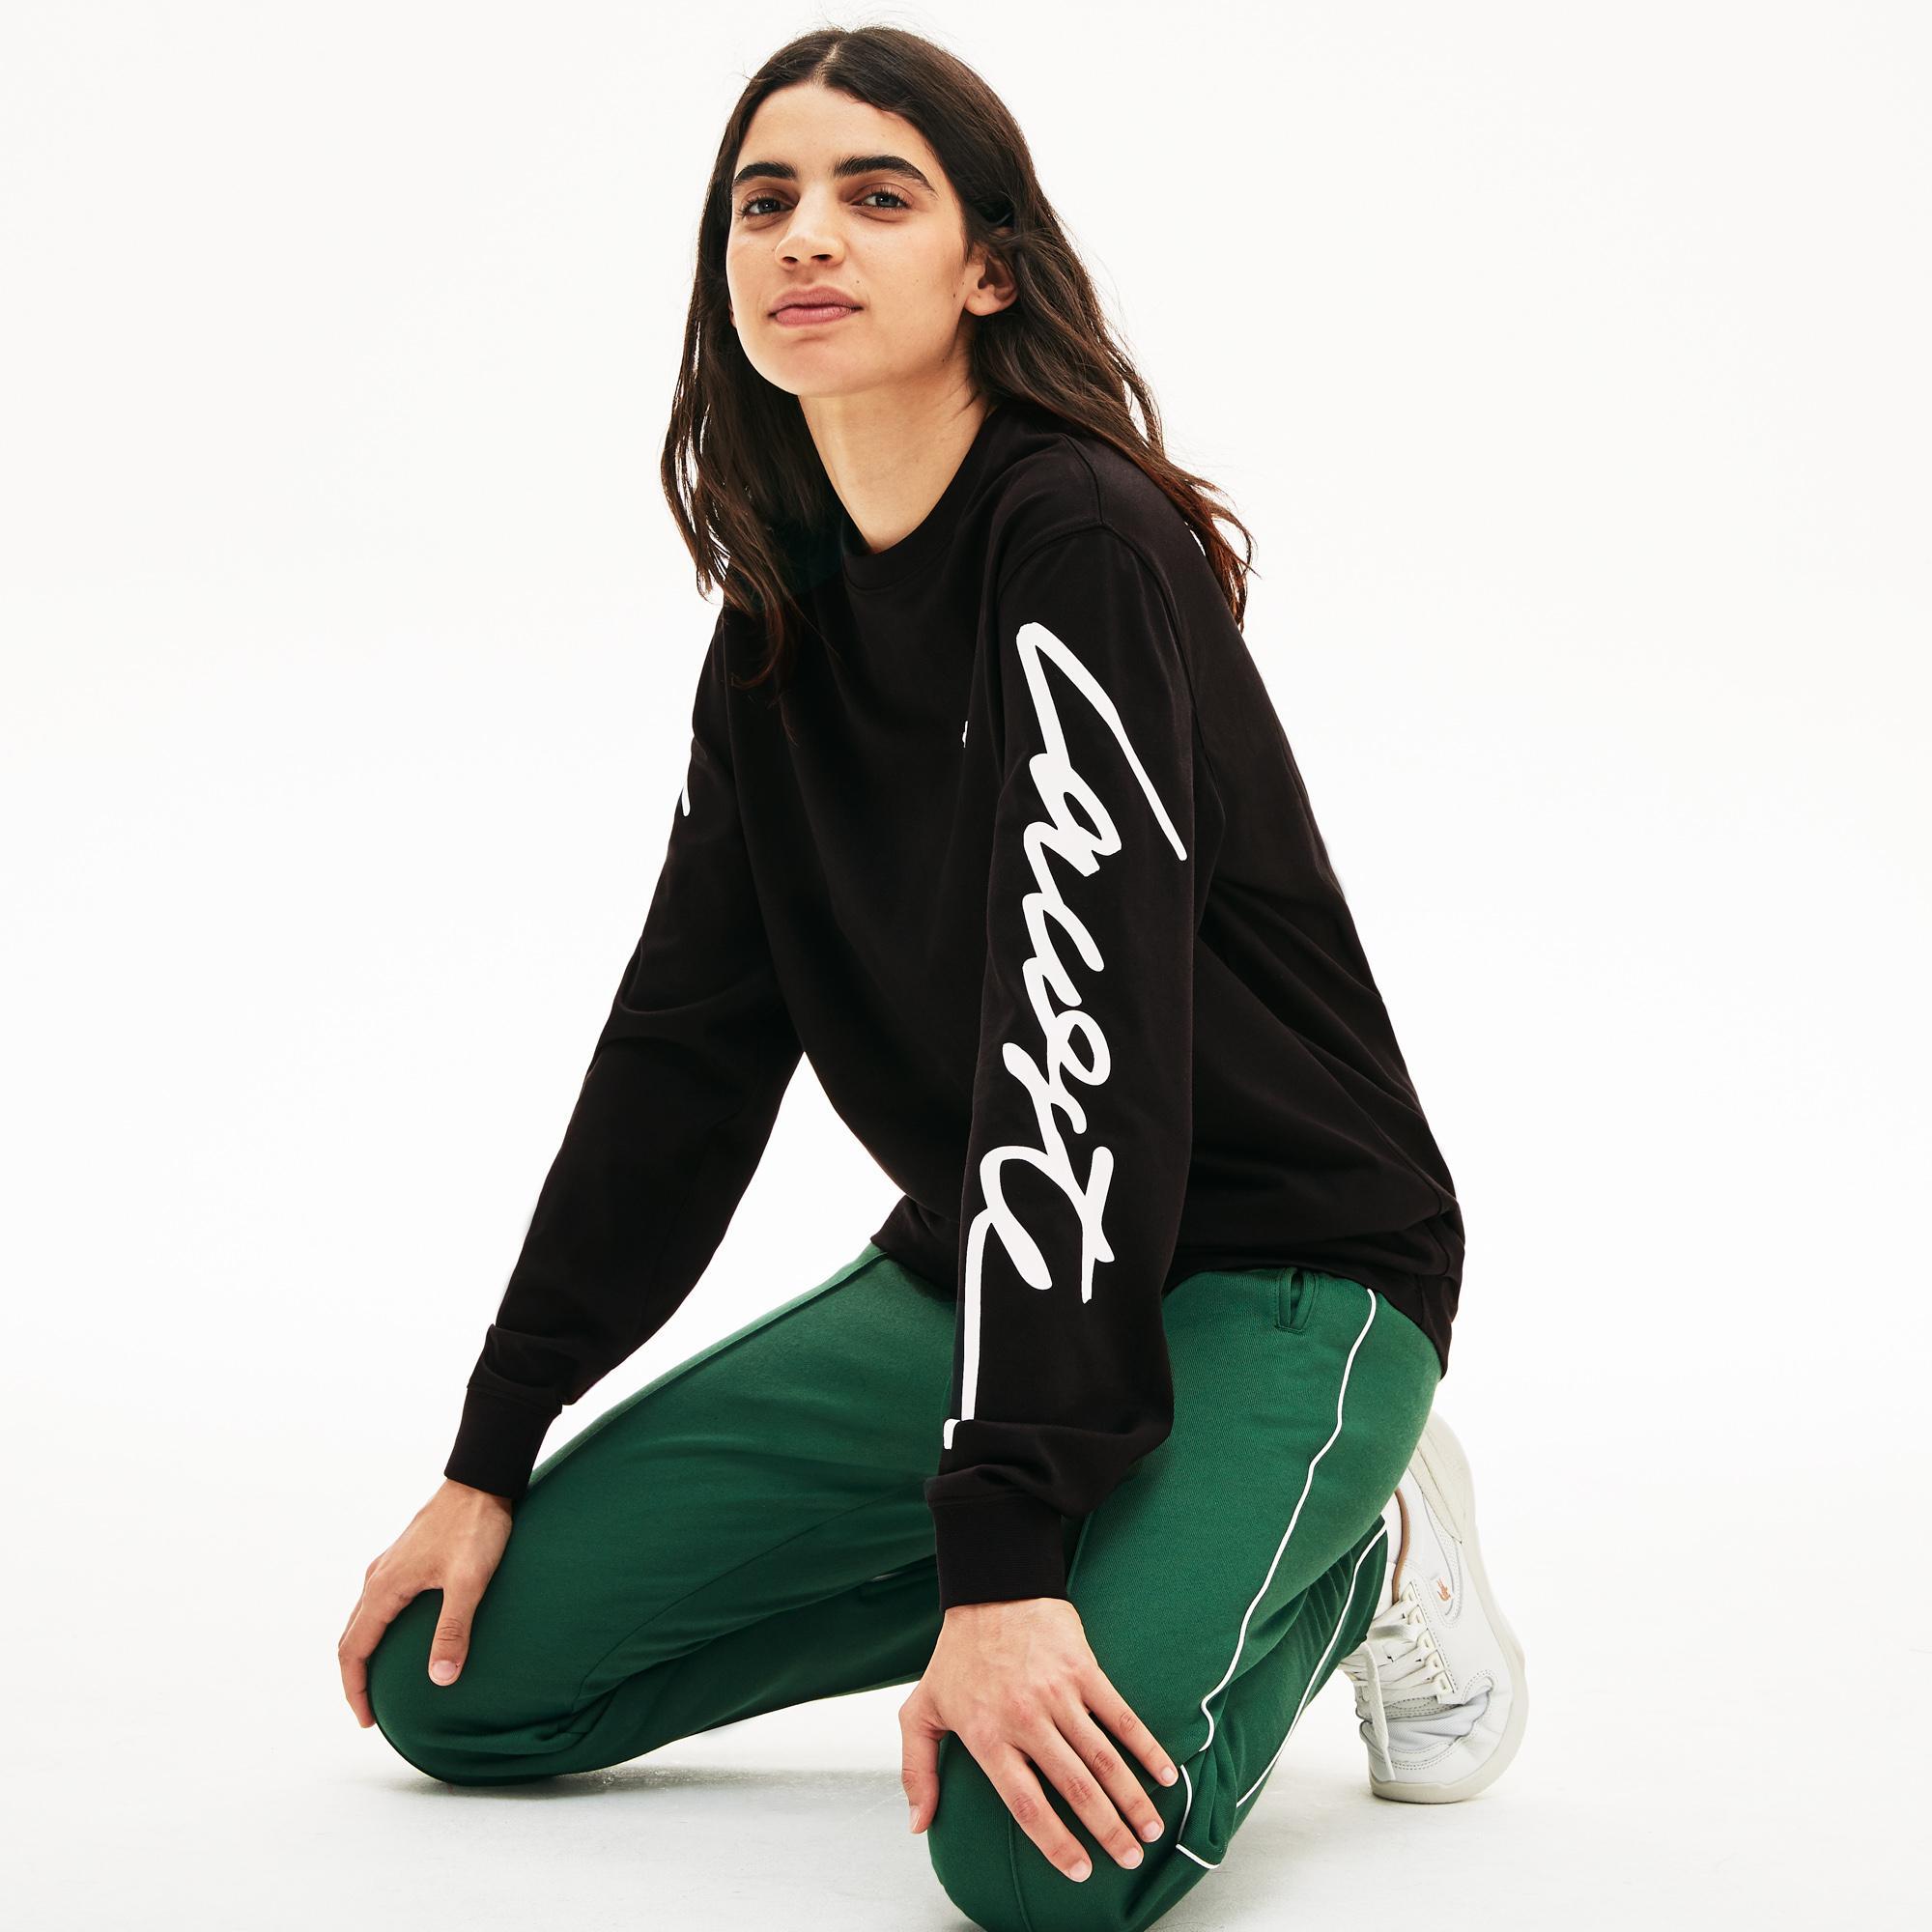 Lacoste L!VE Signature Unisex Print T-Shirt